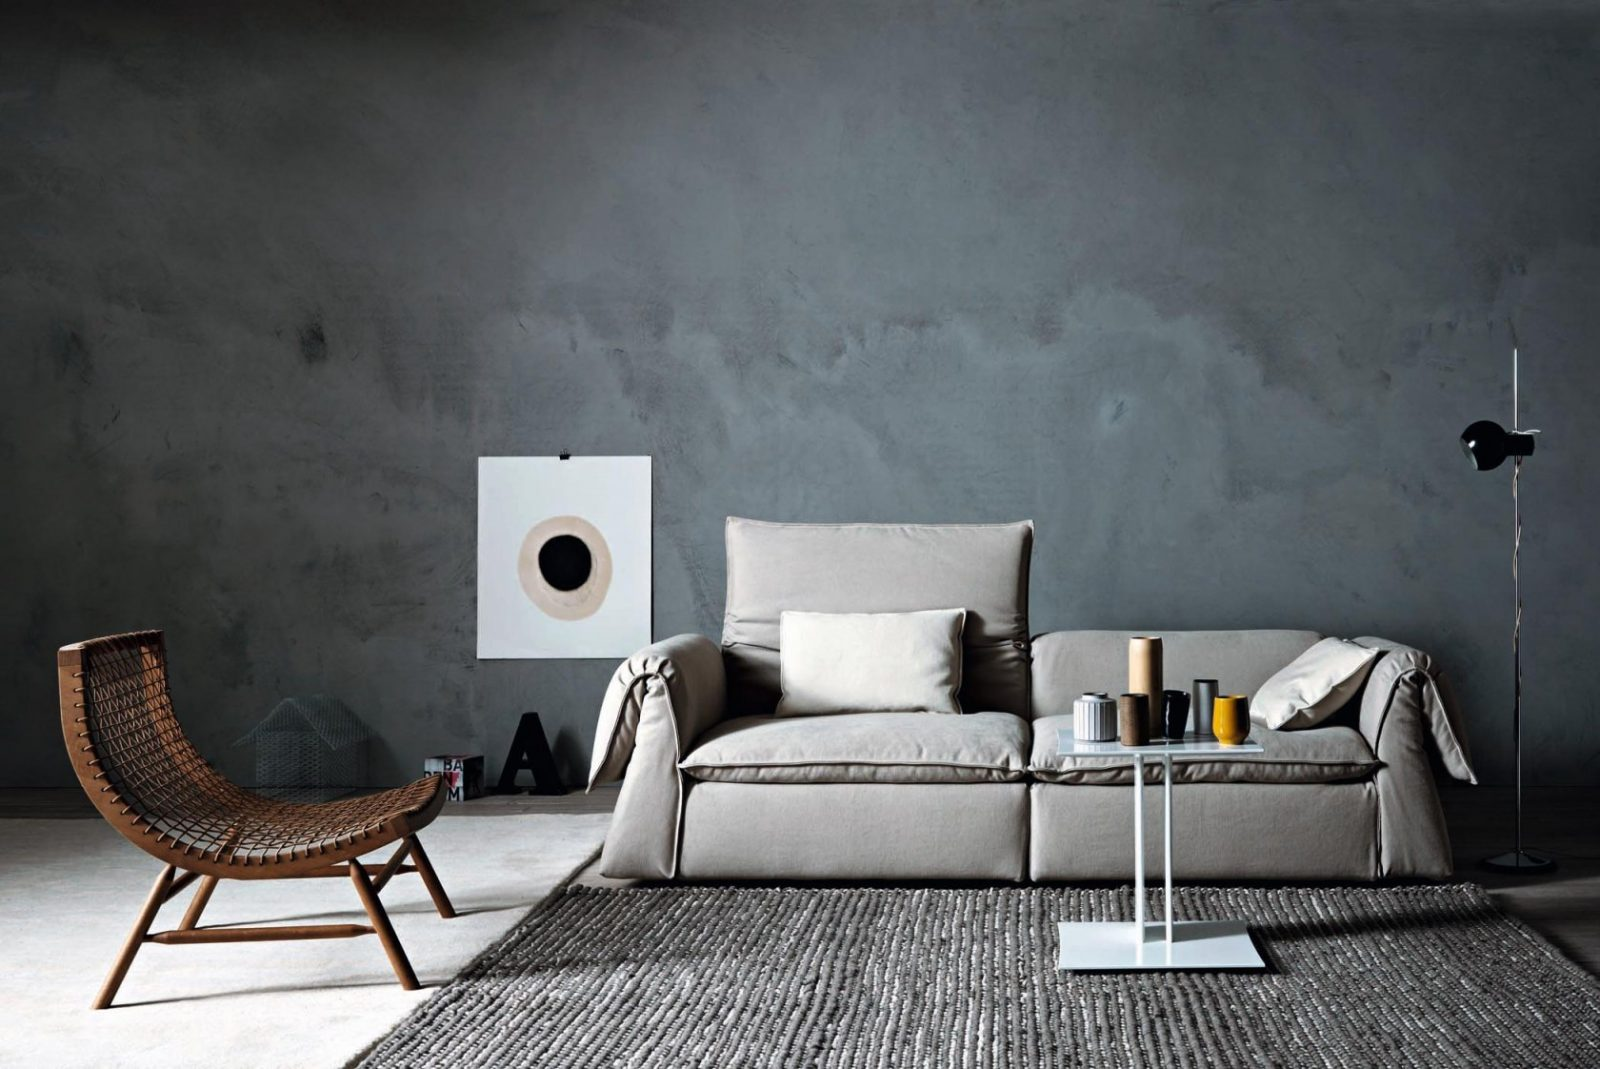 Anthrazitfarbenes Sofa • Bilder  Ideen • Couch von Anthrazit Couch Wohnzimmer Farbe Photo